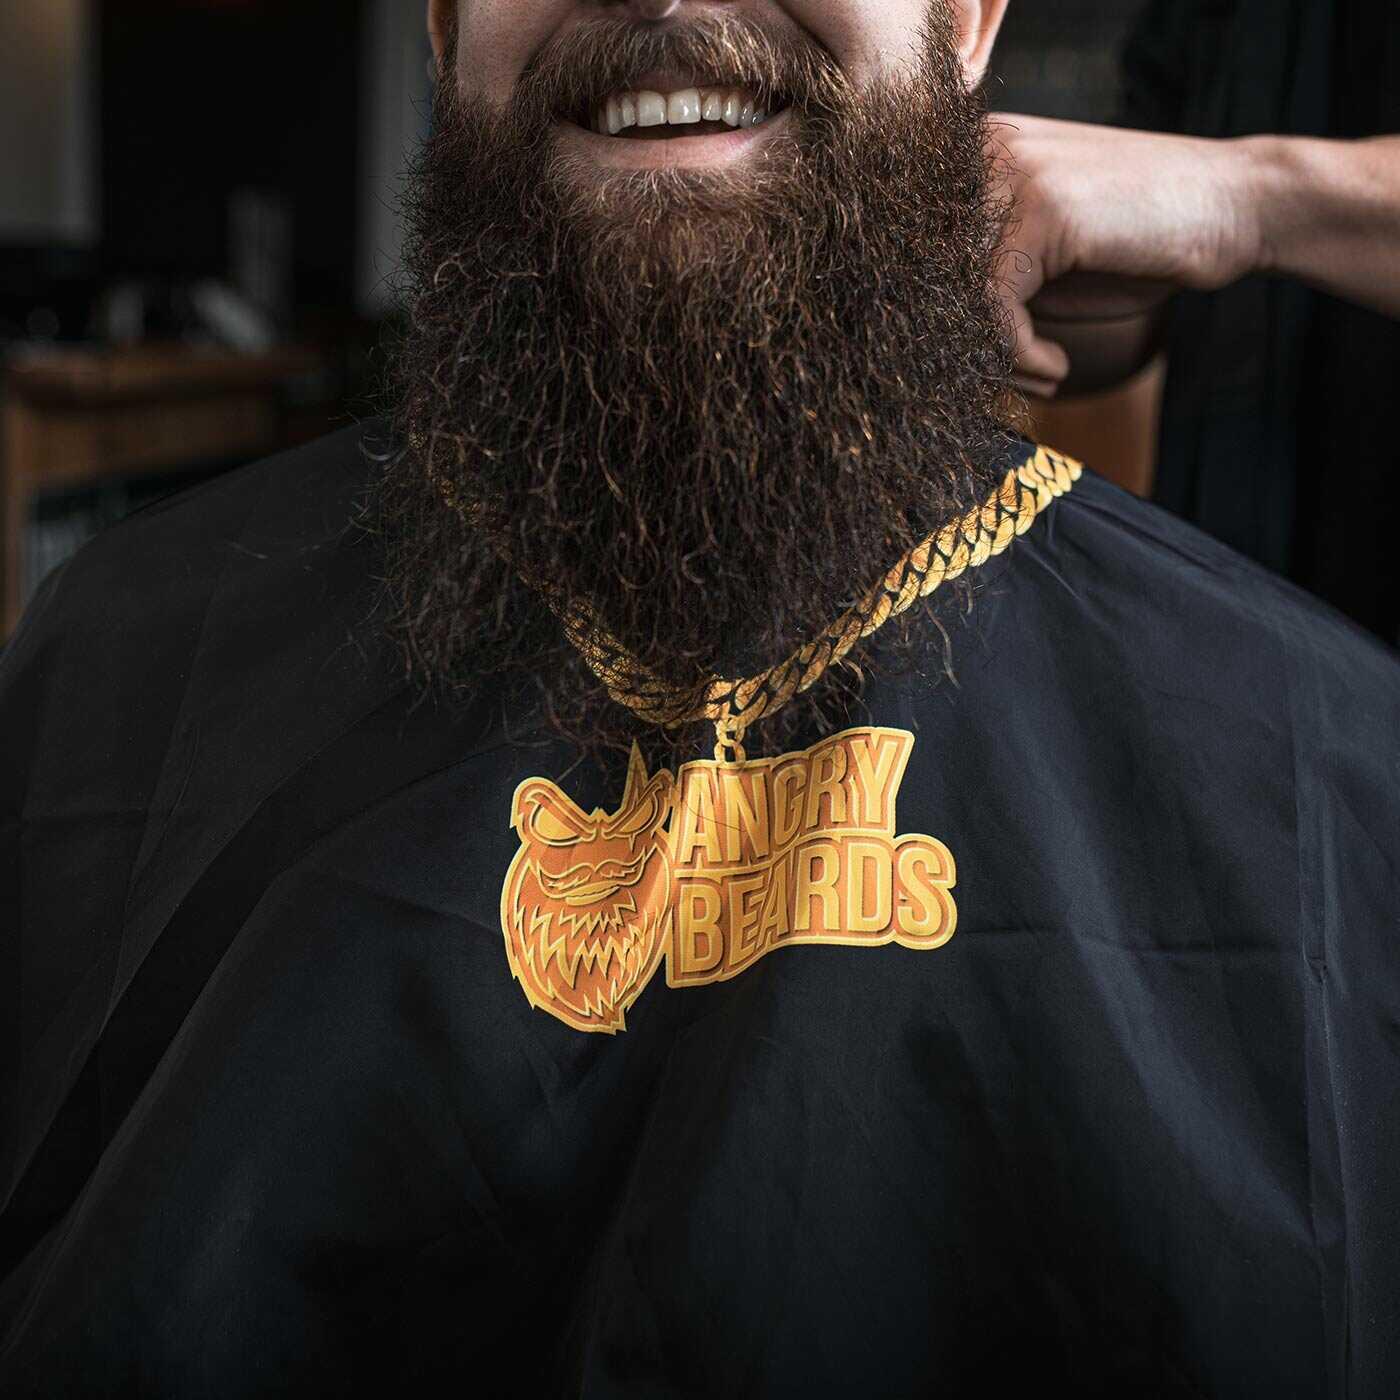 Angry Beards - holičská pláštěnka